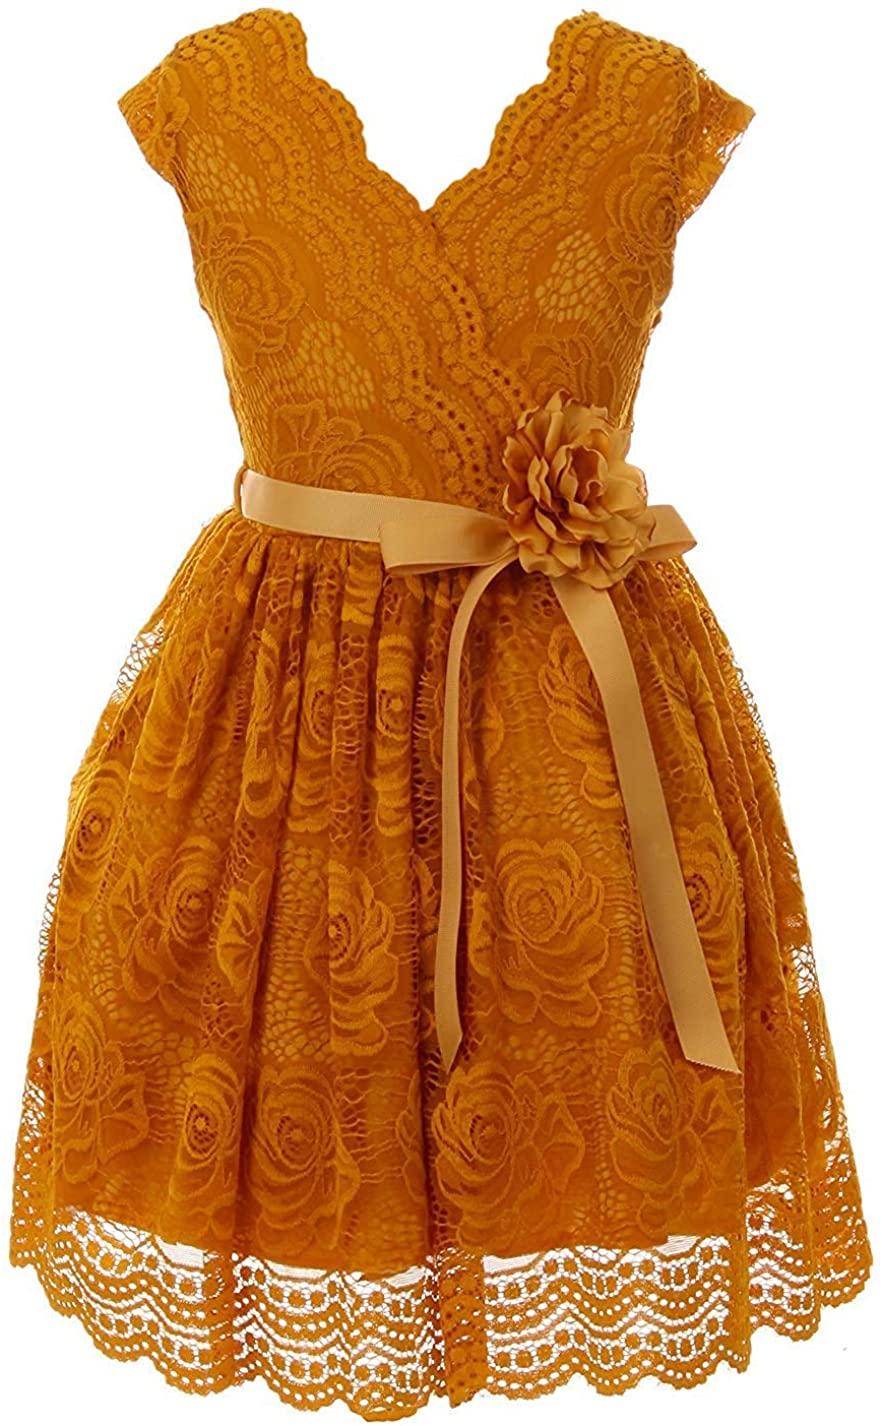 iGirlDress Little Girls Floral Design Lace Easter/Spring Dress Sizes 2-14